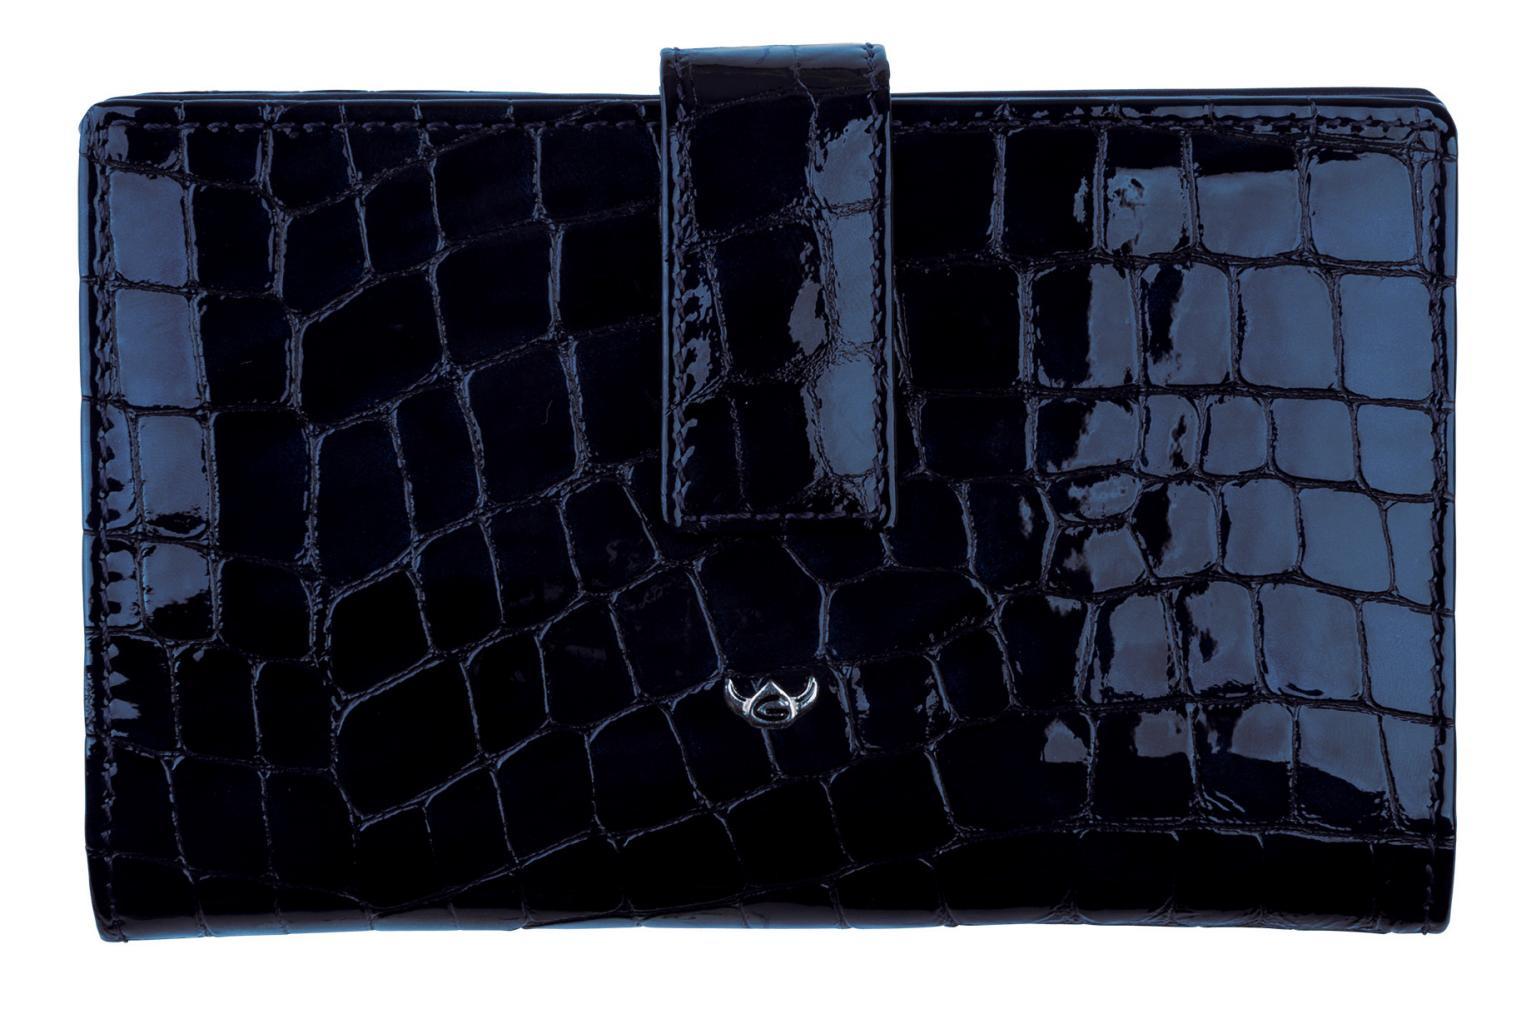 Damengeldbörse Golden Head Cayenne Kroko nachtblau